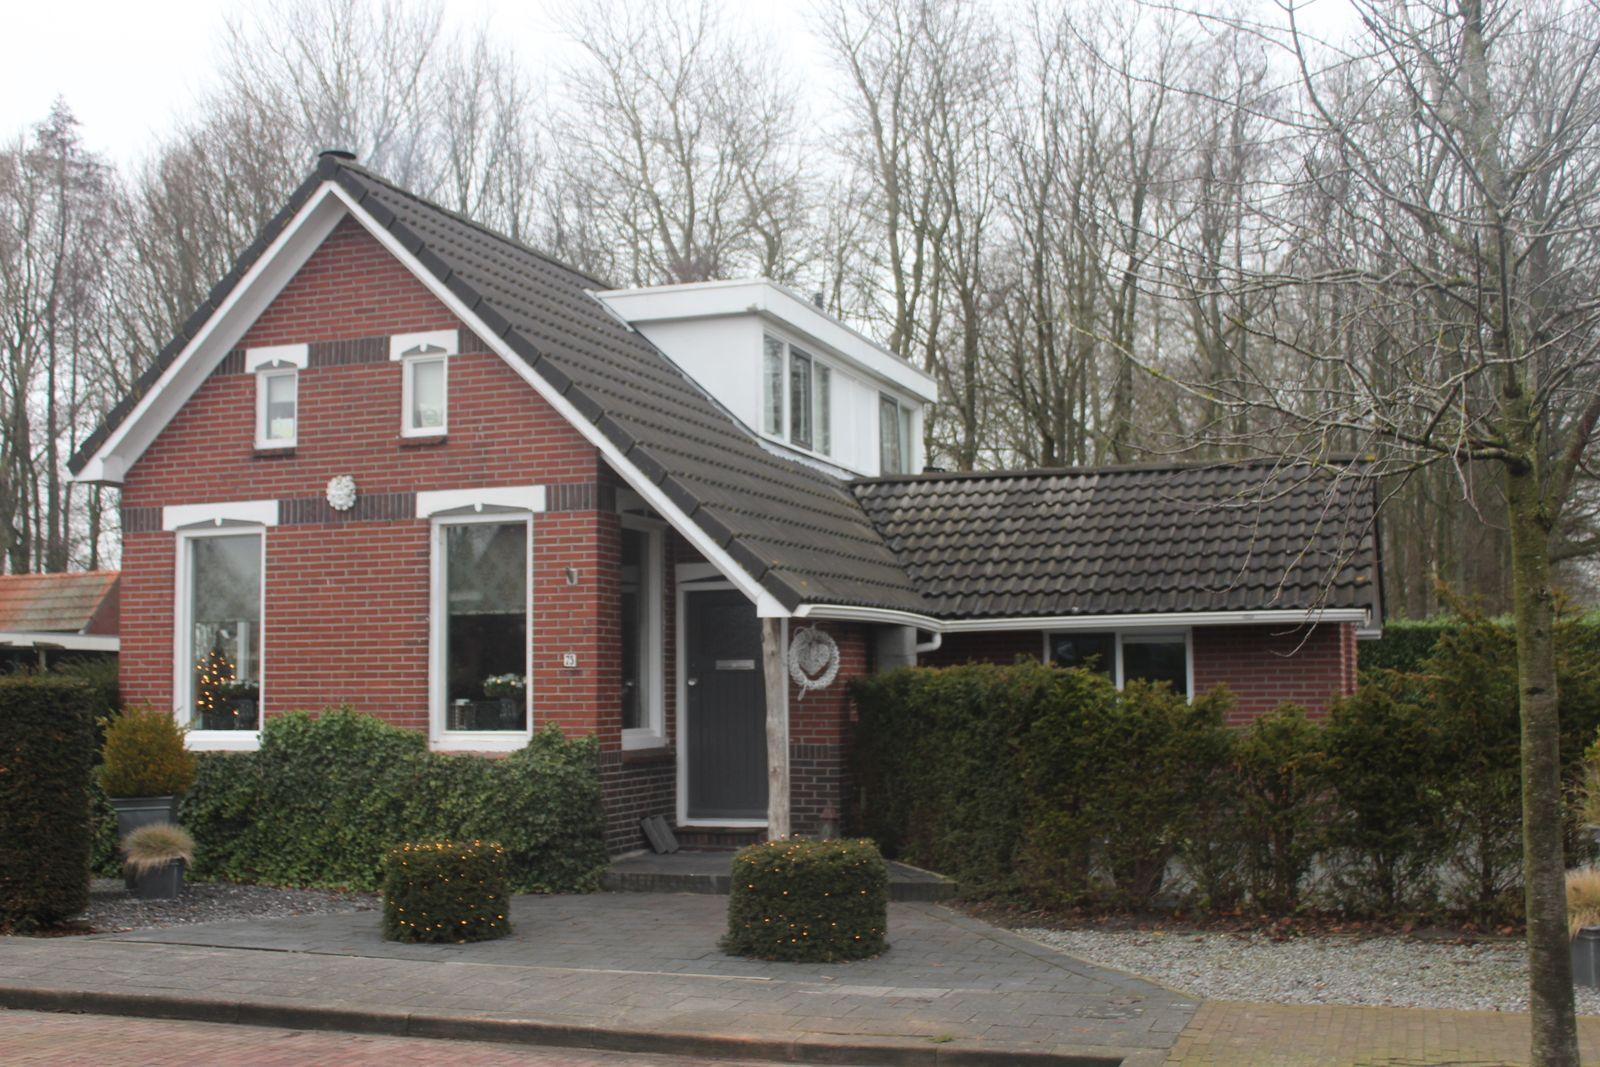 Klinkerstraat 75, Oostwold